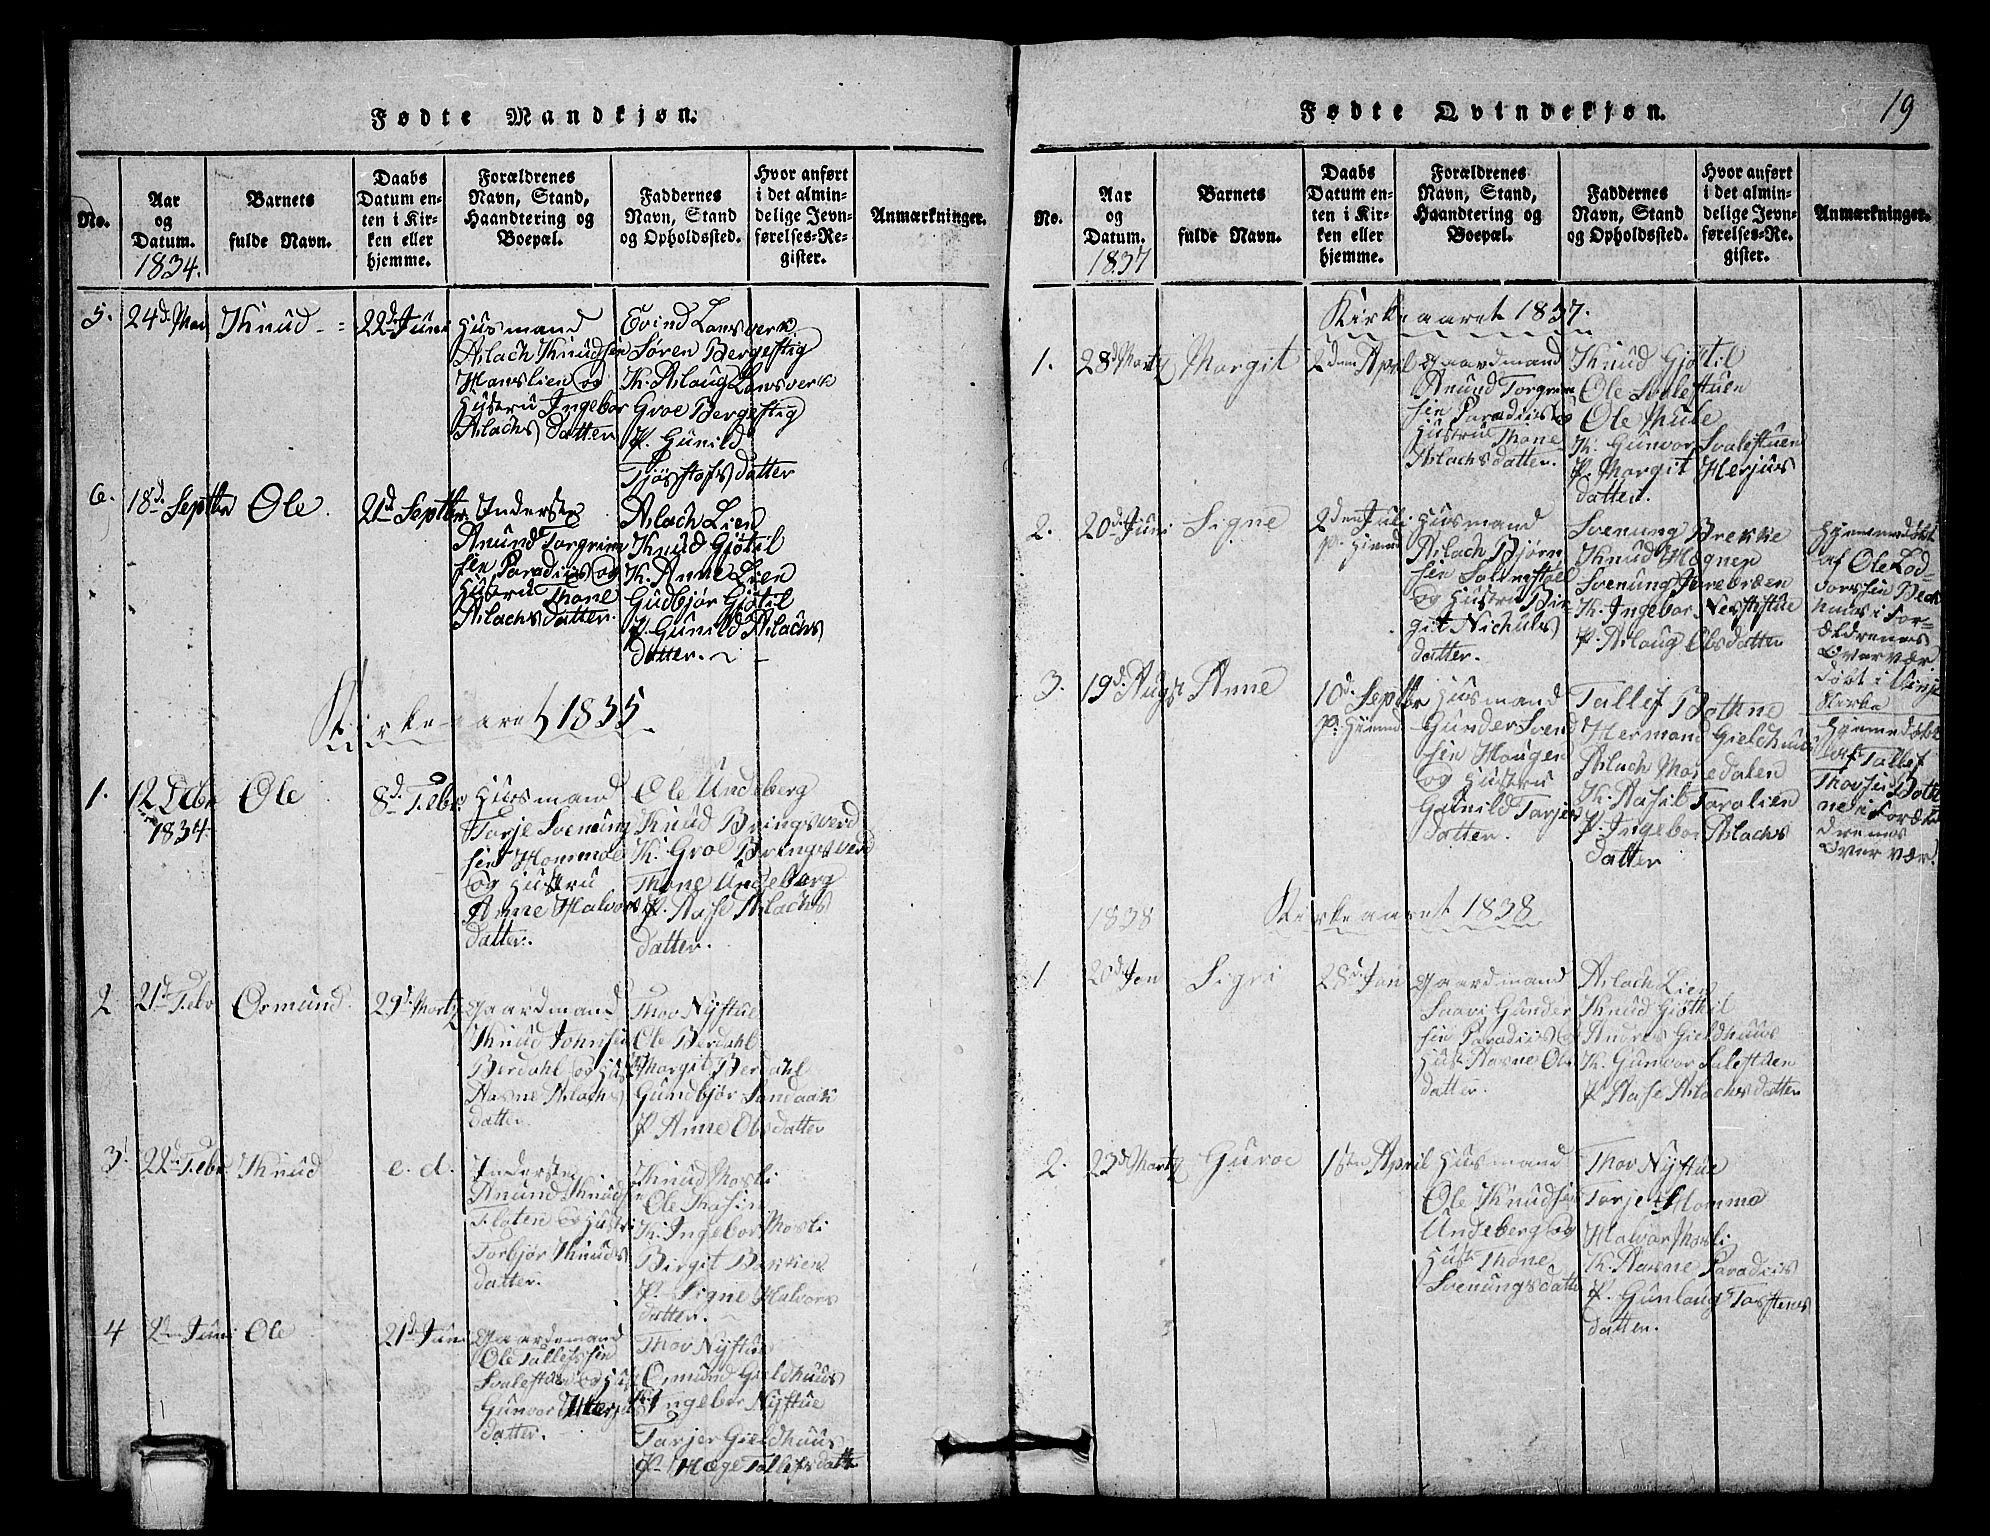 SAKO, Vinje kirkebøker, G/Gb/L0001: Klokkerbok nr. II 1, 1814-1843, s. 19